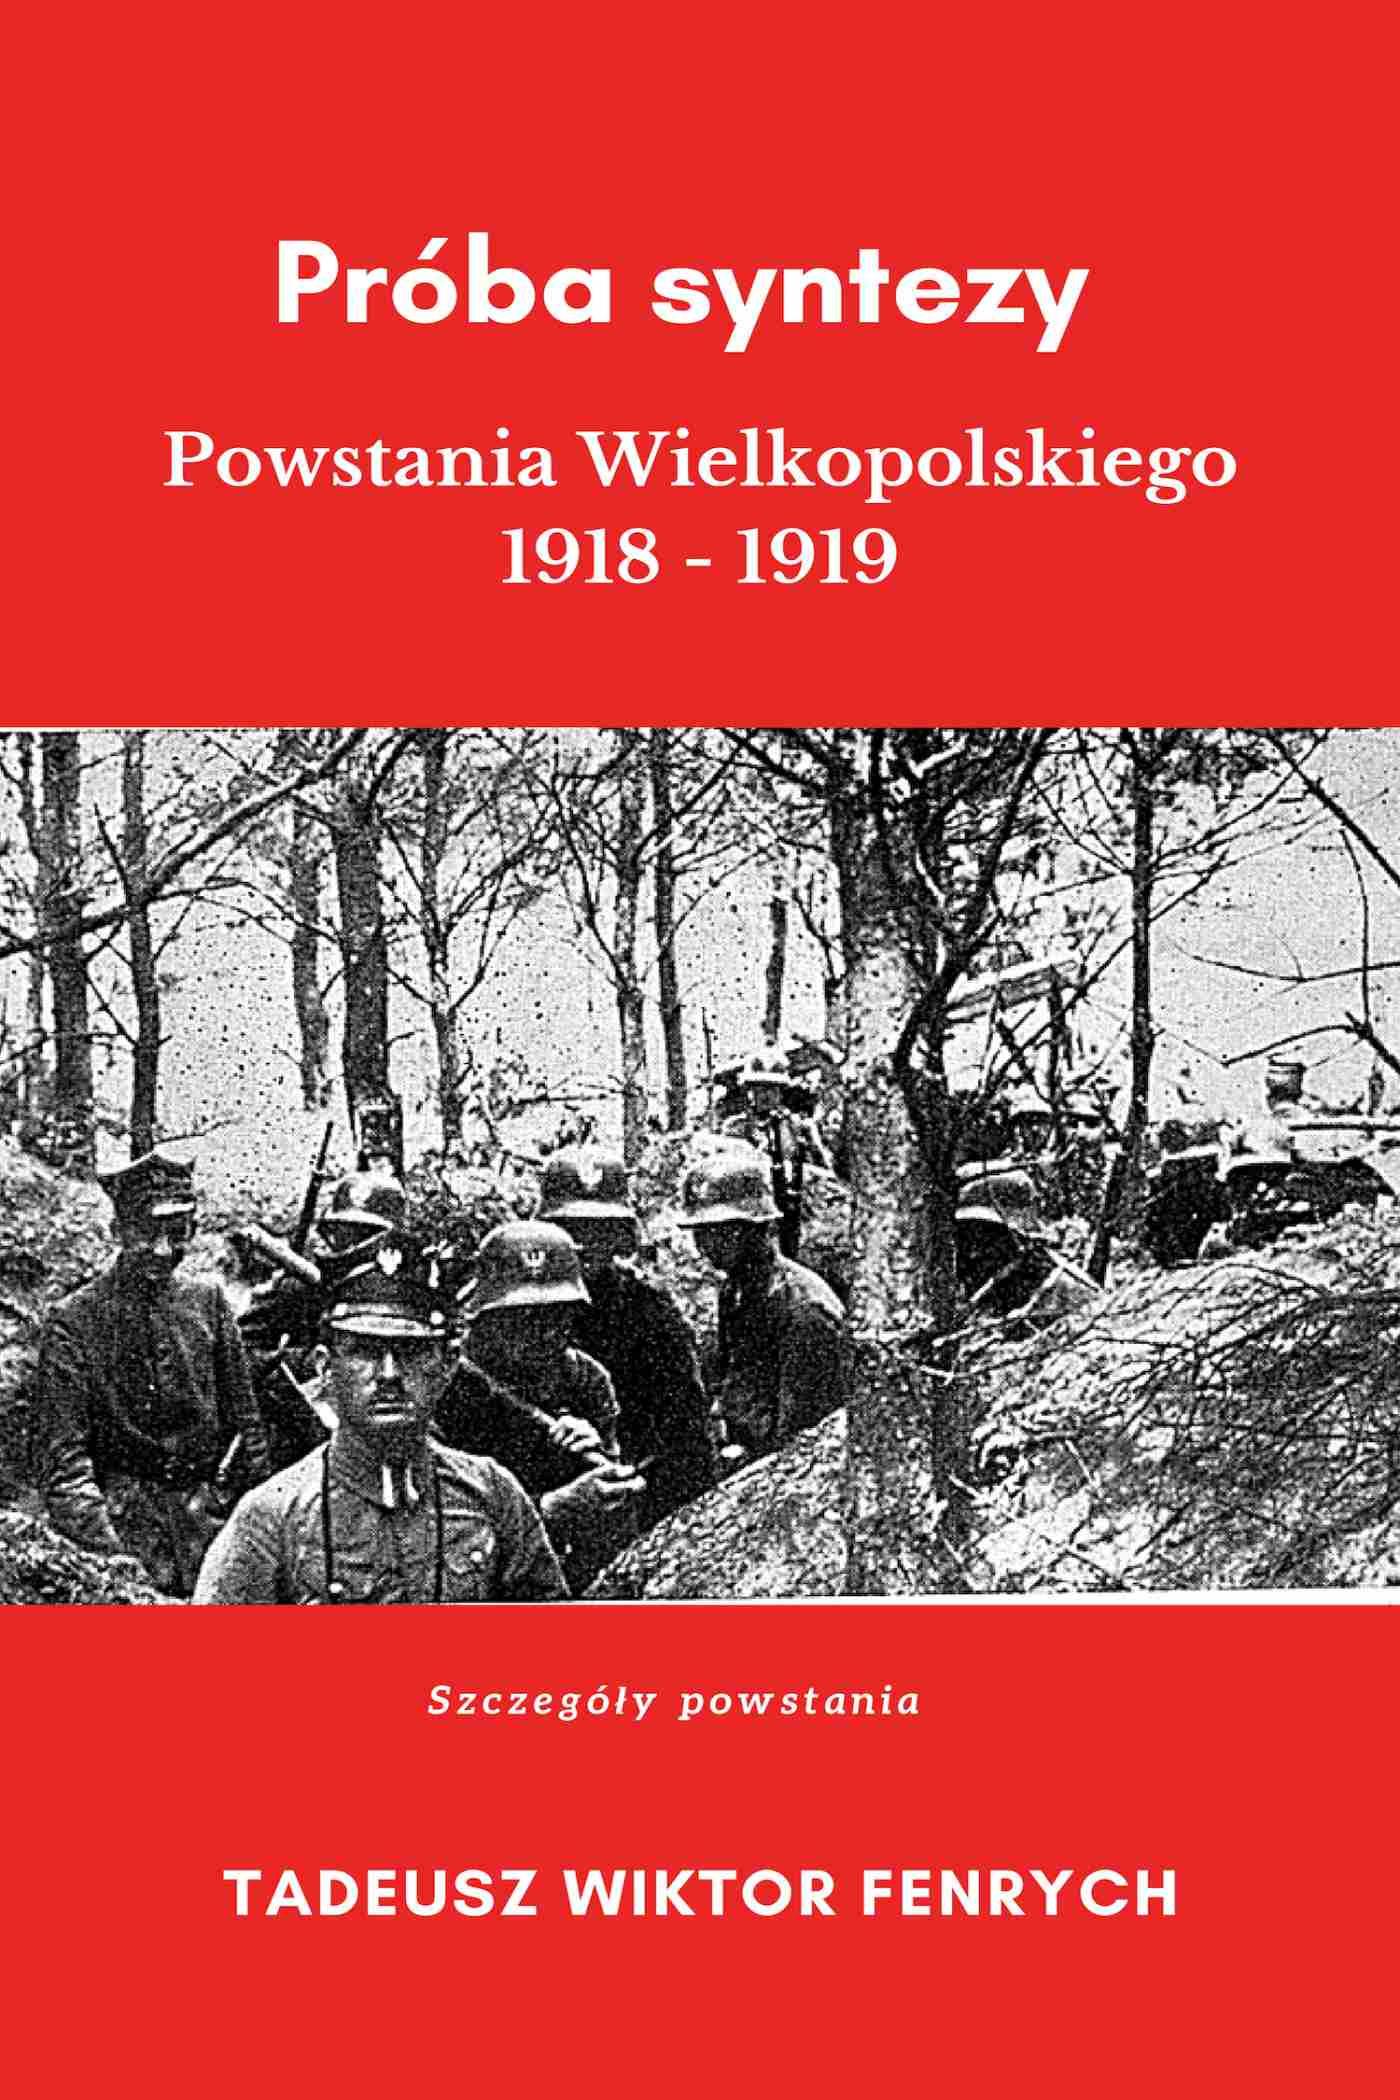 Próba syntezy Powstania Wielkopolskiego 1918-19 - Ebook (Książka EPUB) do pobrania w formacie EPUB